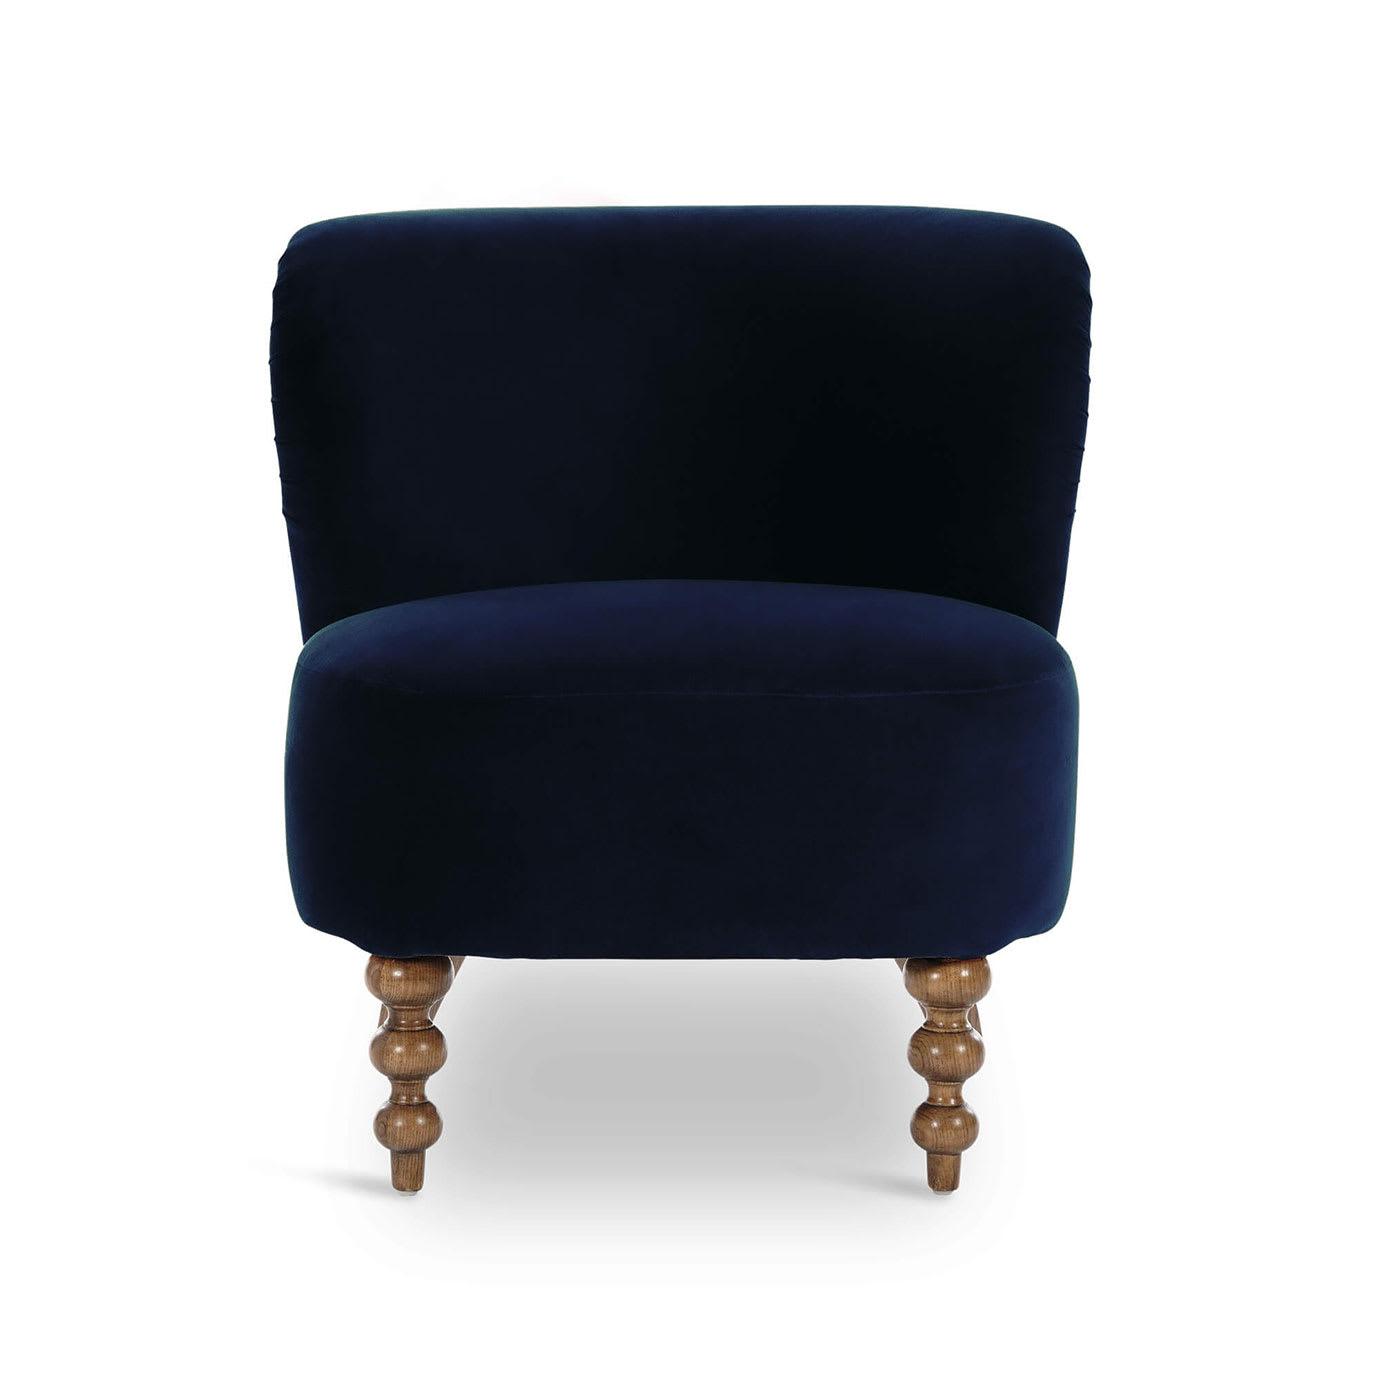 A blue chair.